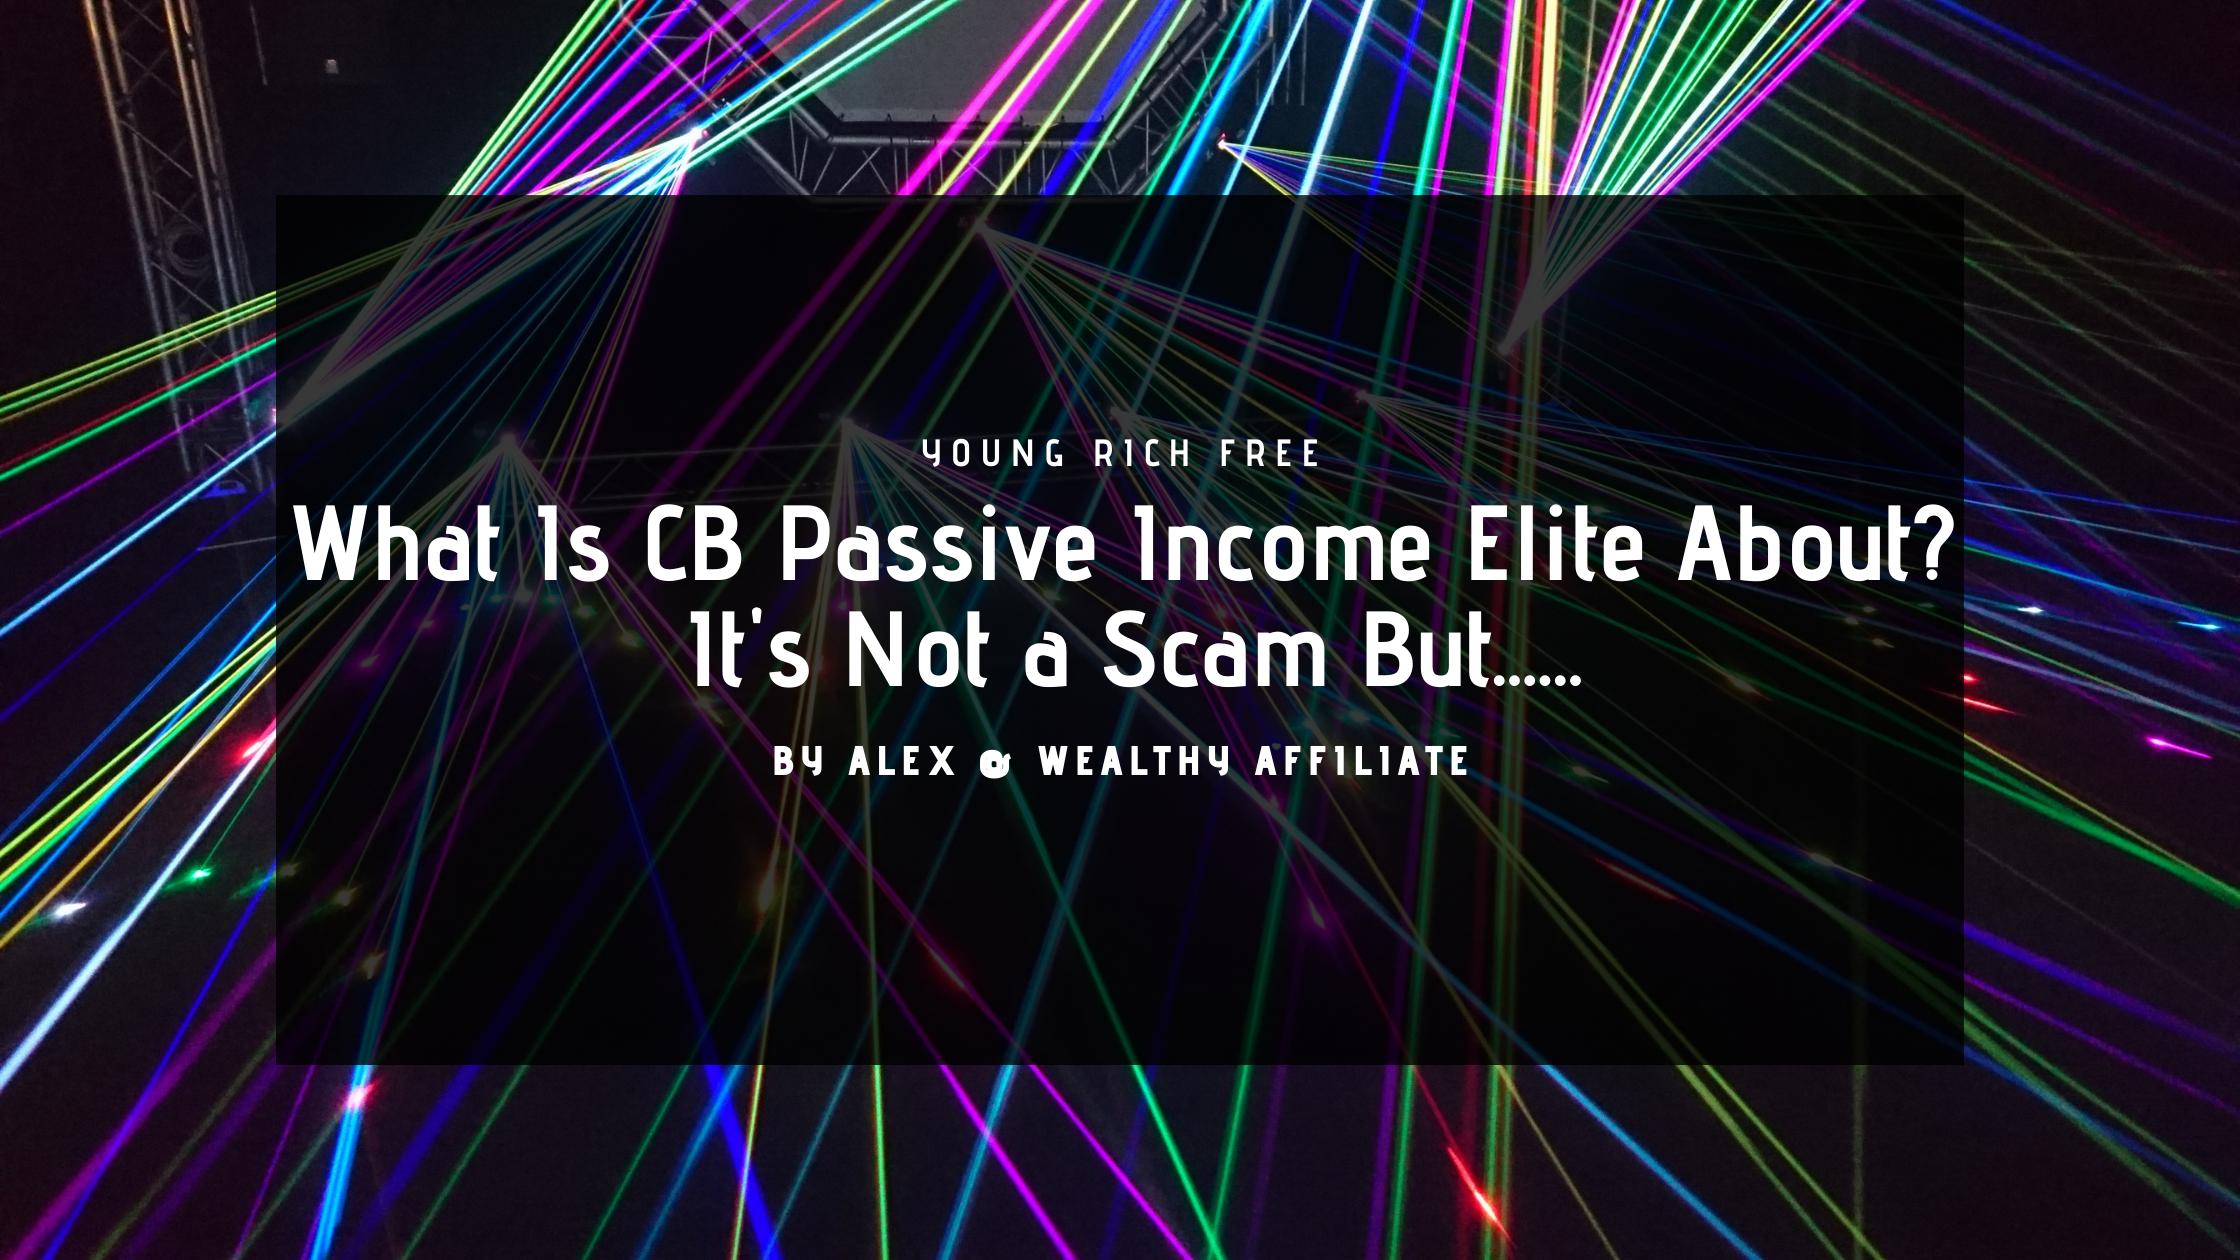 CB Passive Income Elite